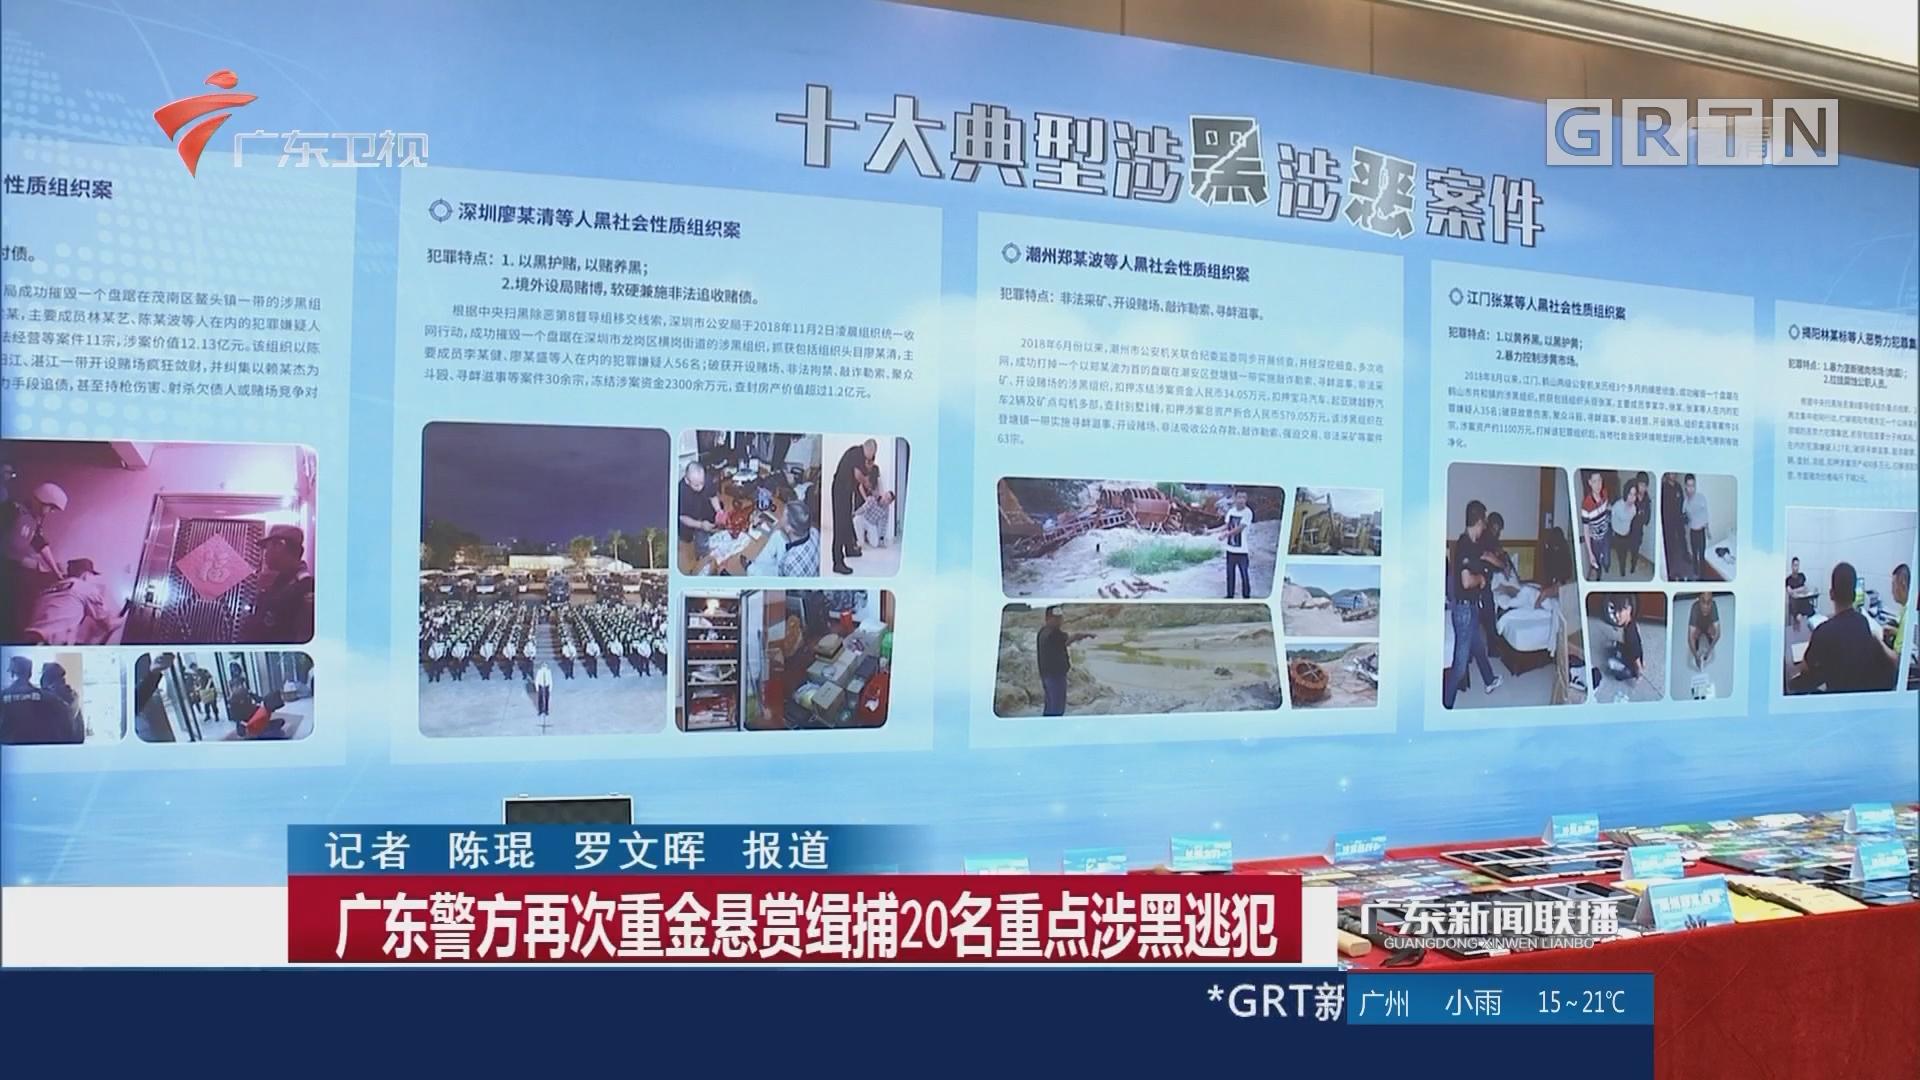 广东警方再次重金悬赏缉捕20名重点涉黑逃犯